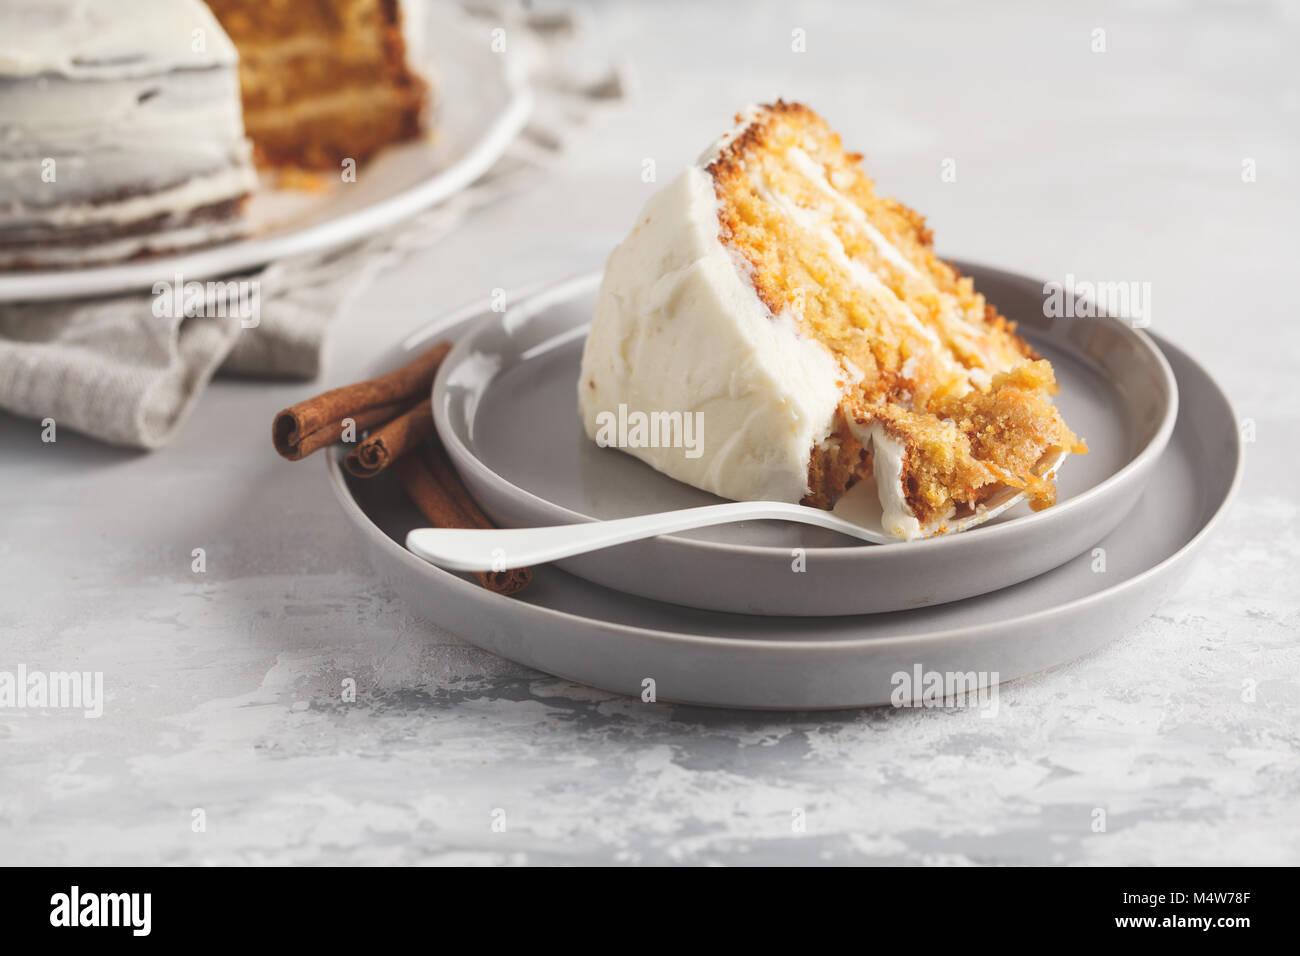 Stück Karotte hausgemachte Kuchen mit Weiß Creme auf grauem Hintergrund. Festliches dessert Konzept. Stockbild